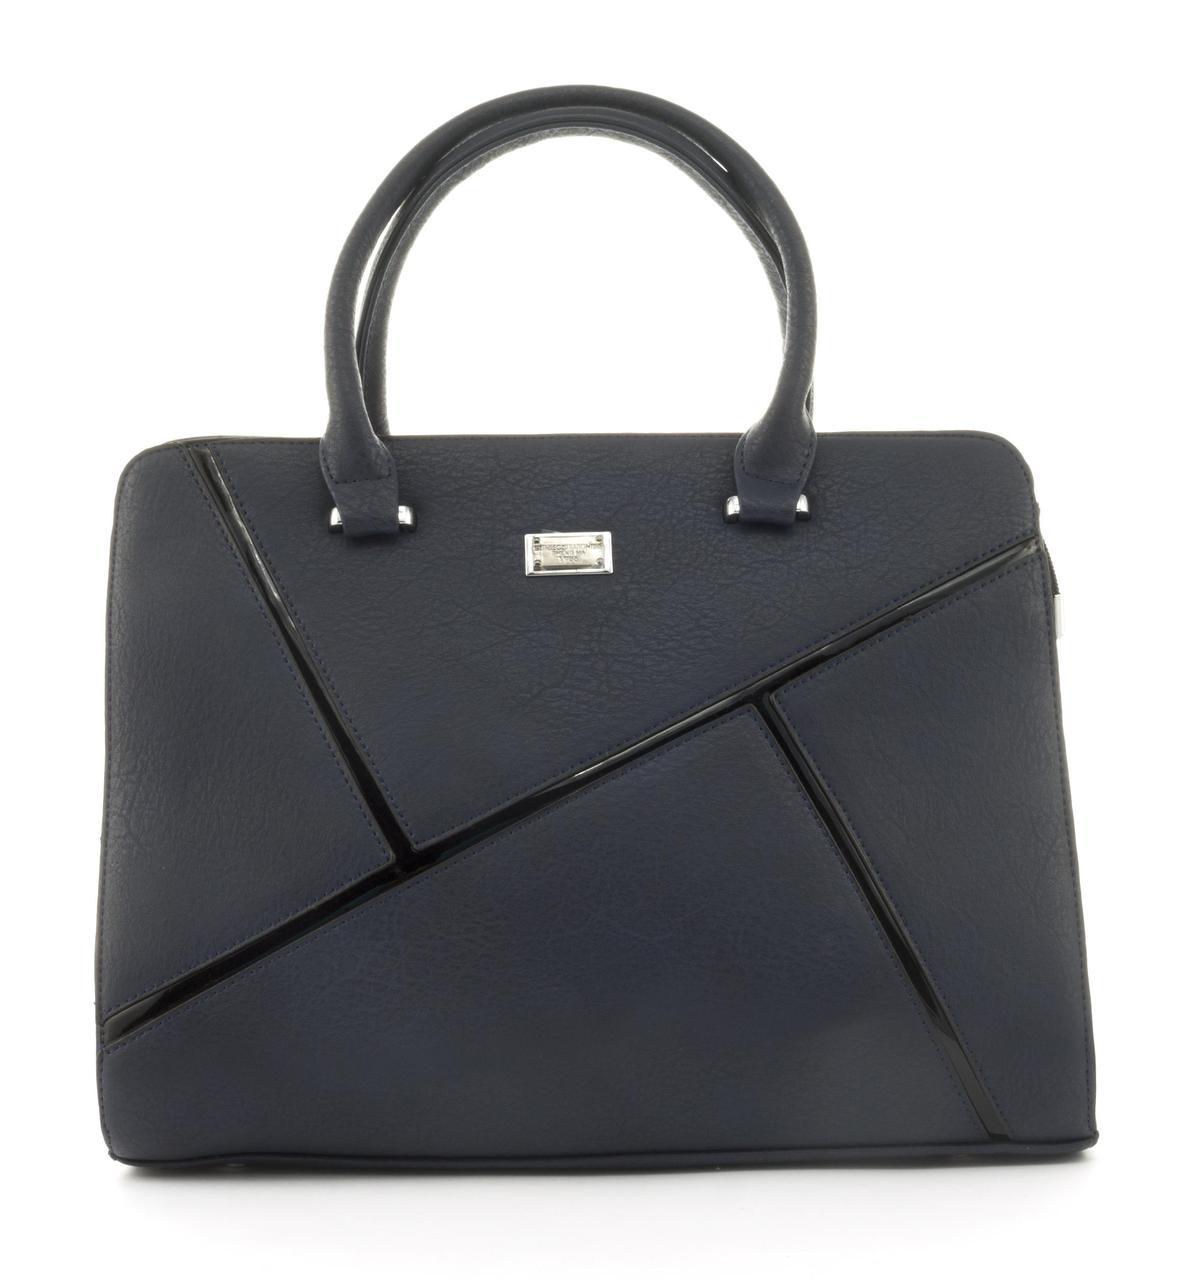 Оригинальная каркасная прочная элегантная женская сумка высокого качества ShengMa art. 881276 синяя